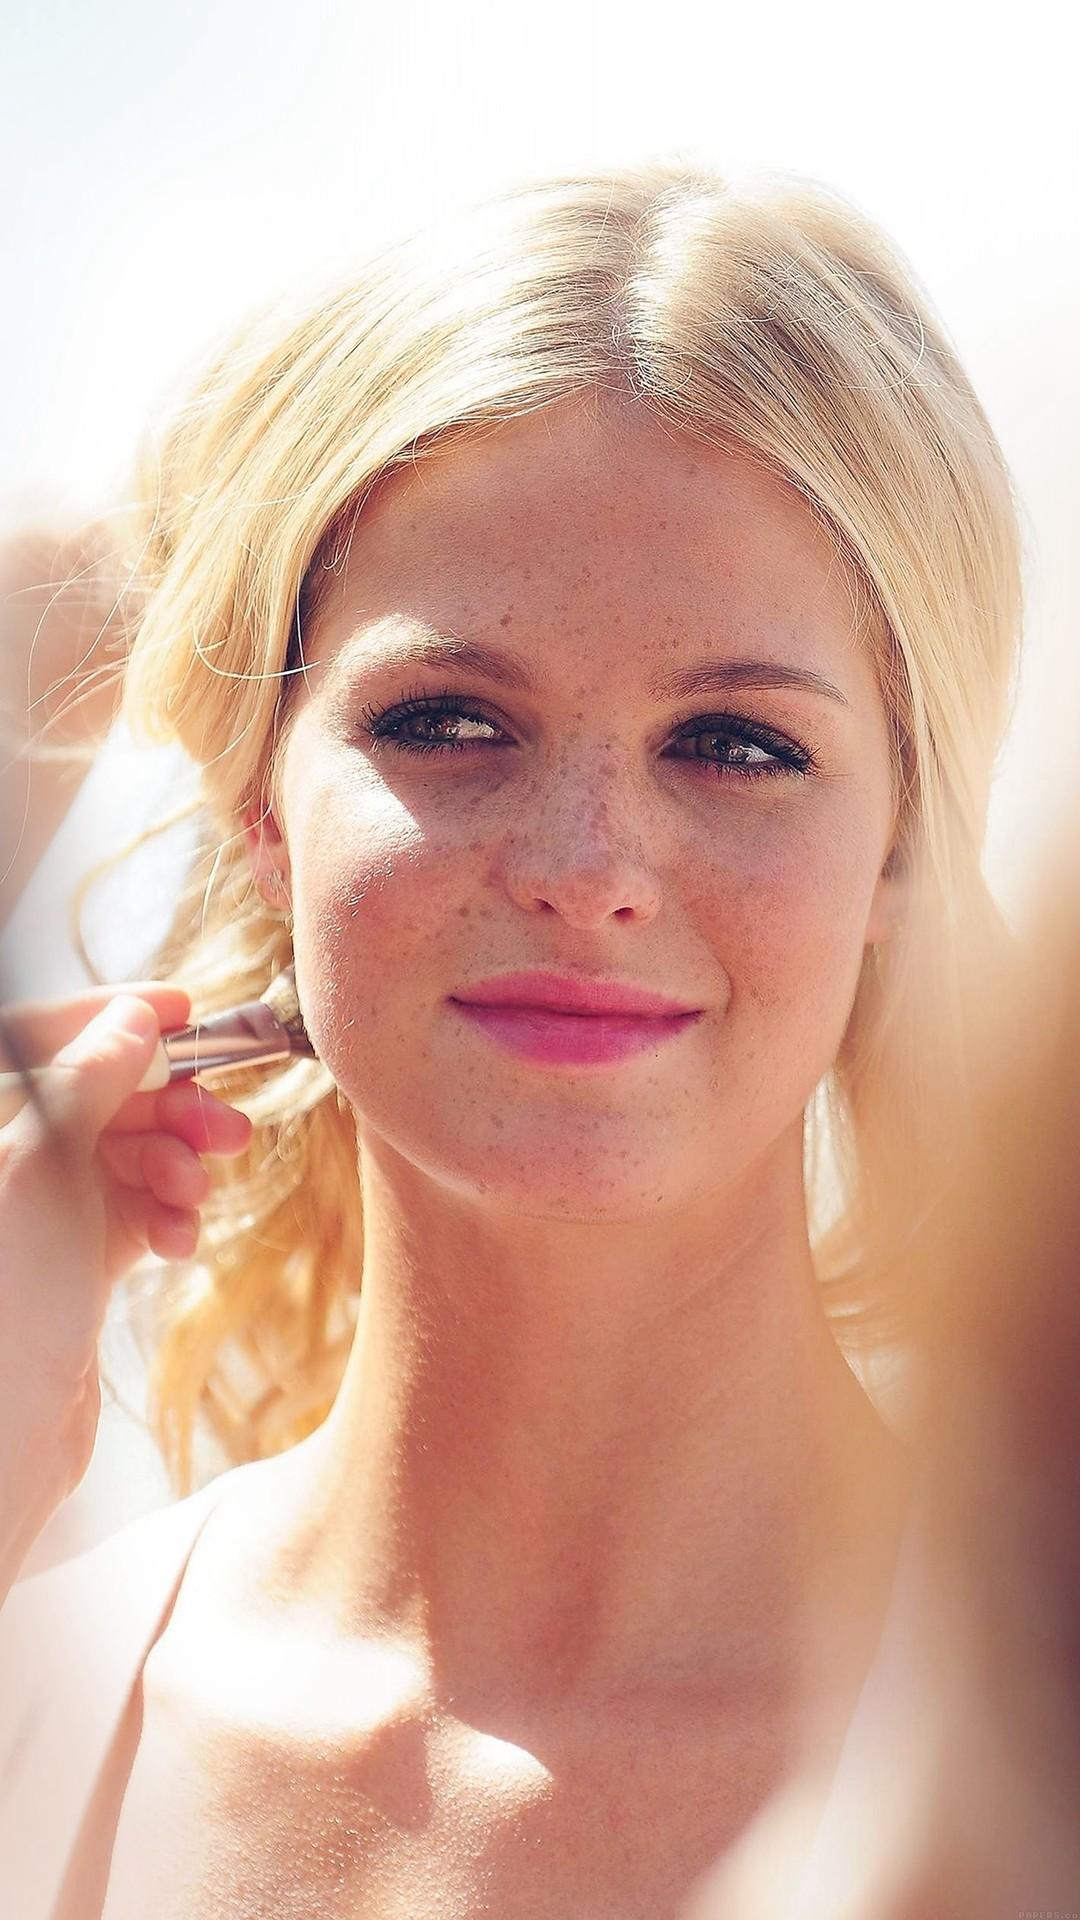 Victoria Secret Model Blonde Lovely Face Girl iPhone 8 wallpaper